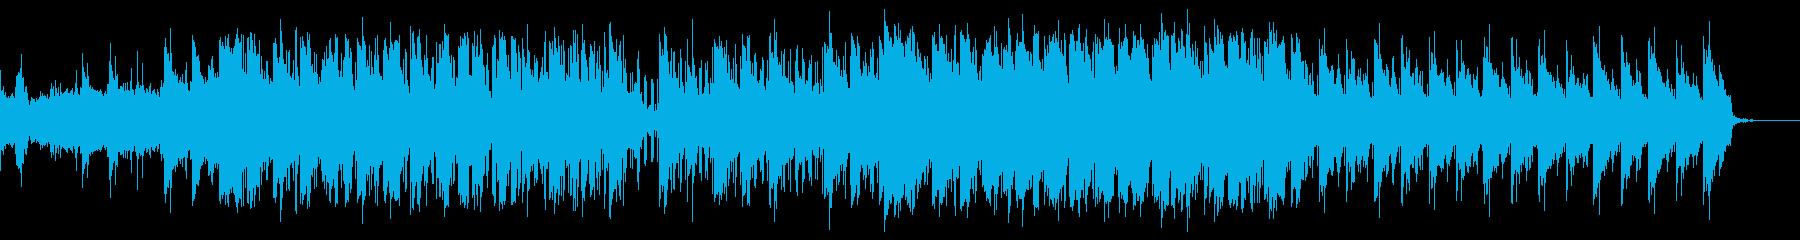 エレクトロニック 説明的 楽しげ ...の再生済みの波形